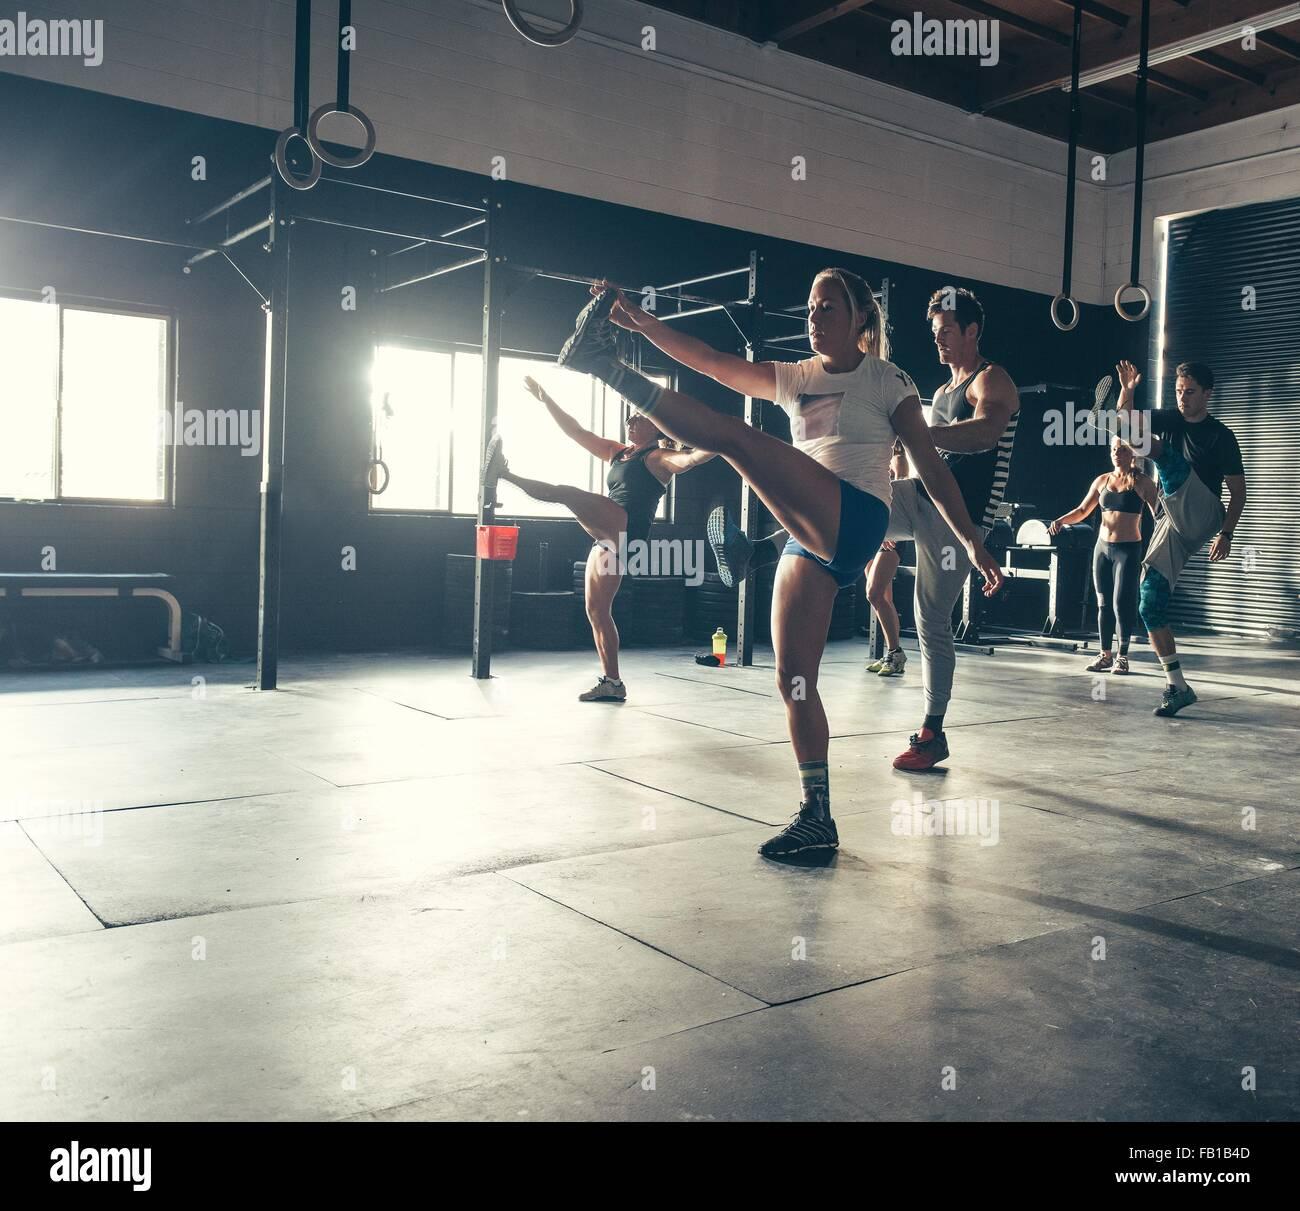 Männer und Frauen zusammen im Fitness-Studio trainieren Stockbild